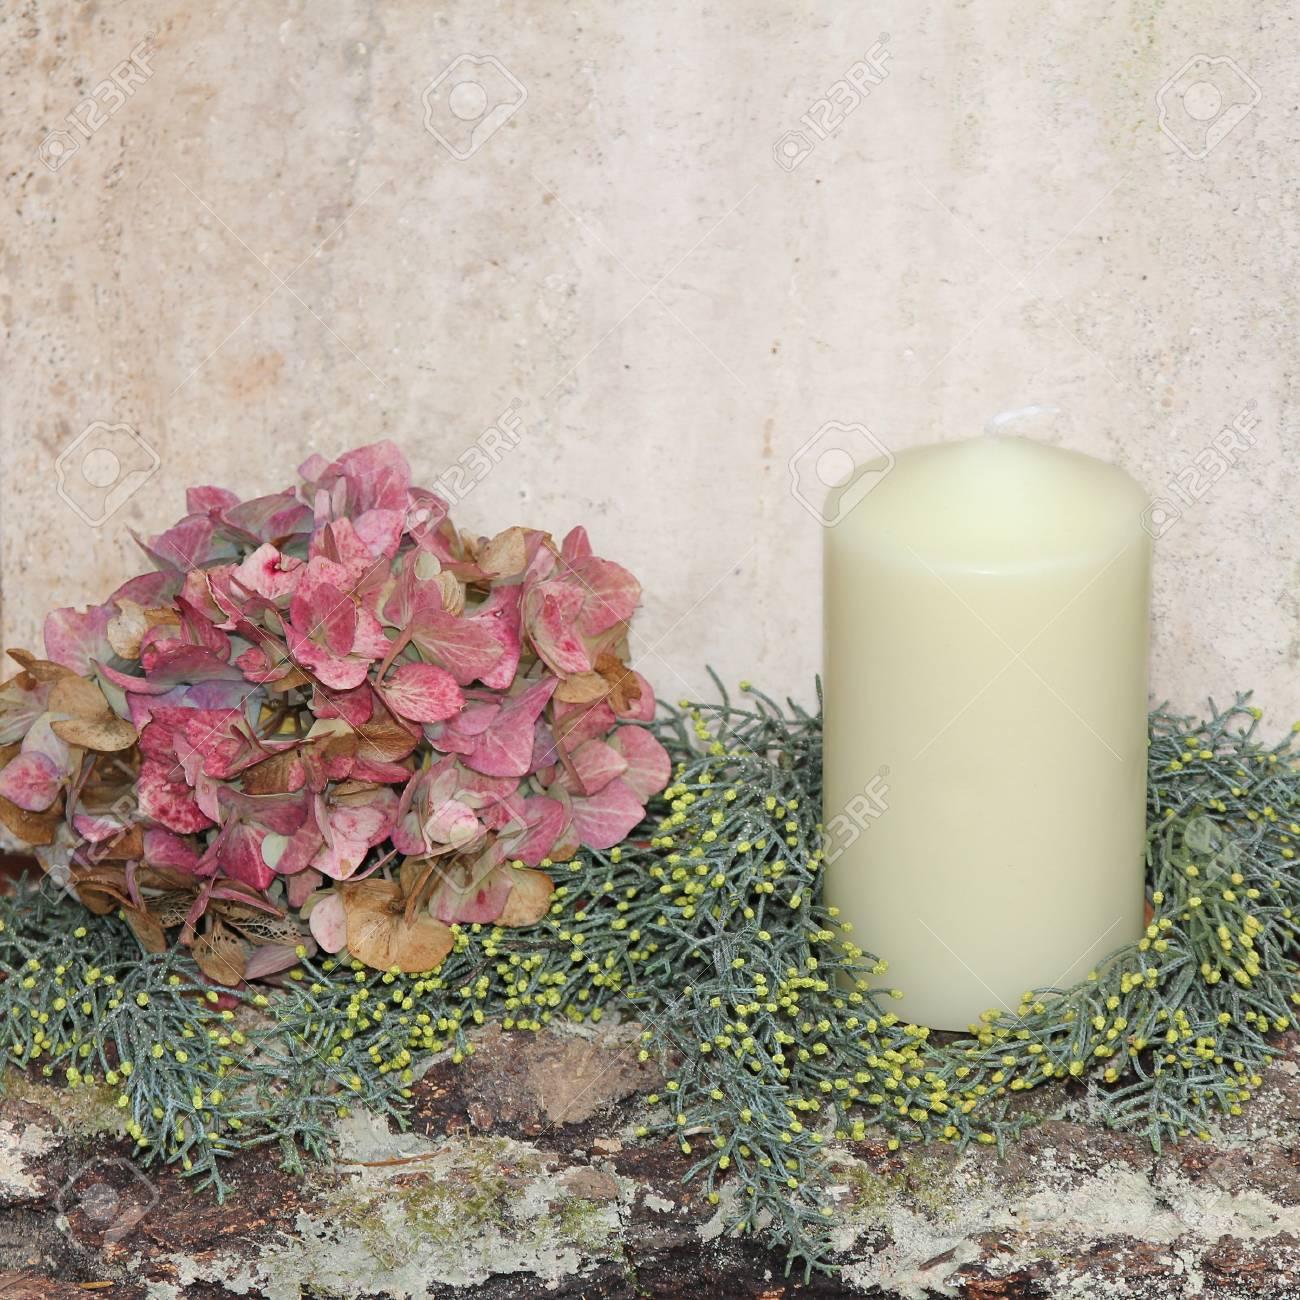 rustique décoration de noël fait maison avec des fleurs d'hortensia